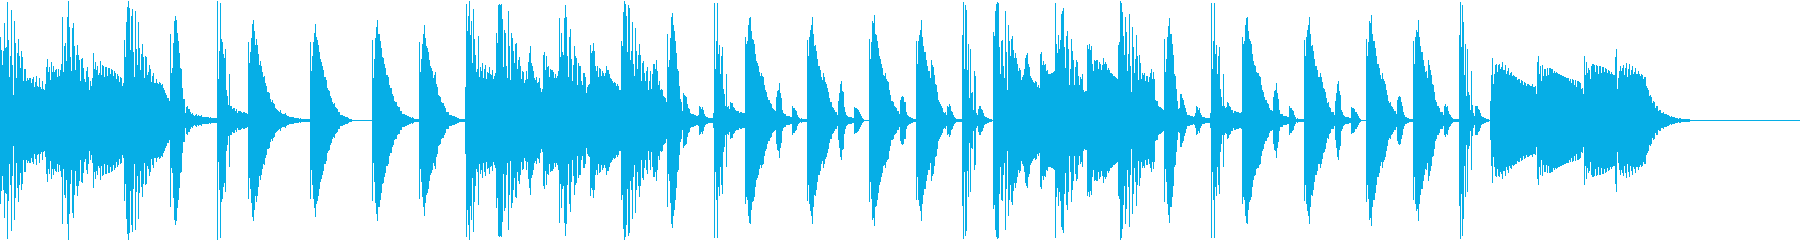 ゆったりとしたBGMの再生済みの波形